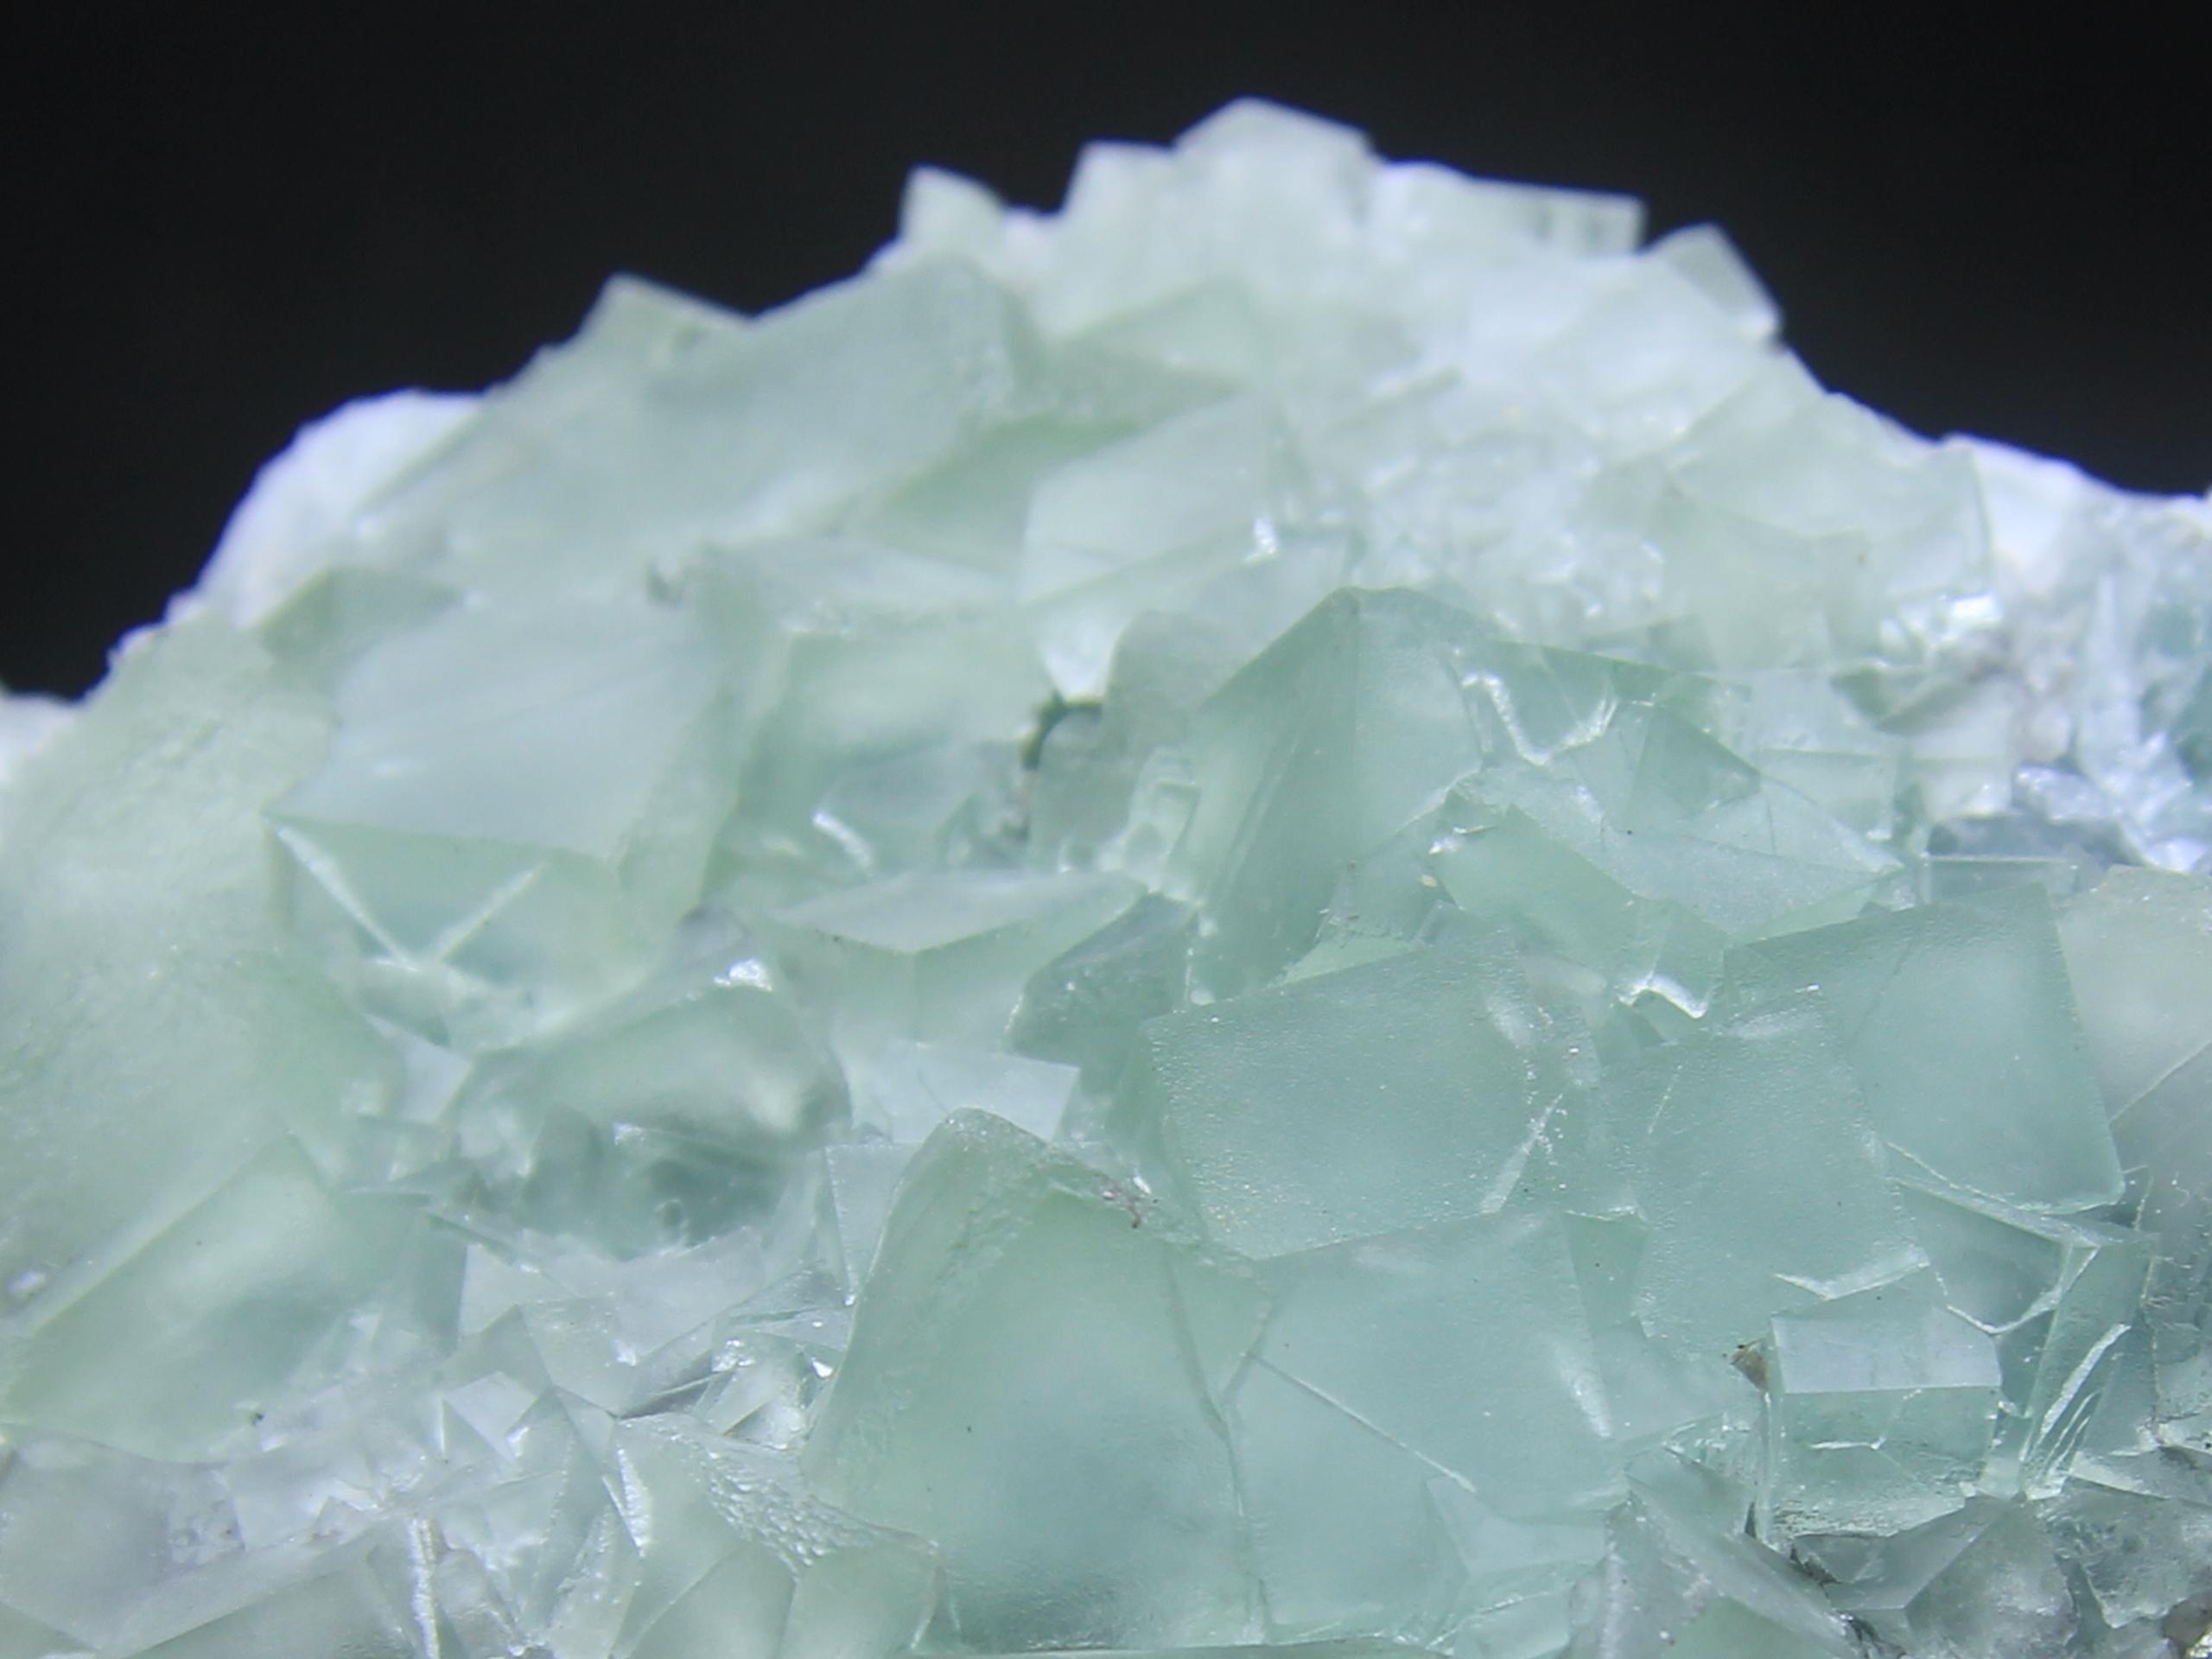 Two sided fluorite specimen; pale green fluorite